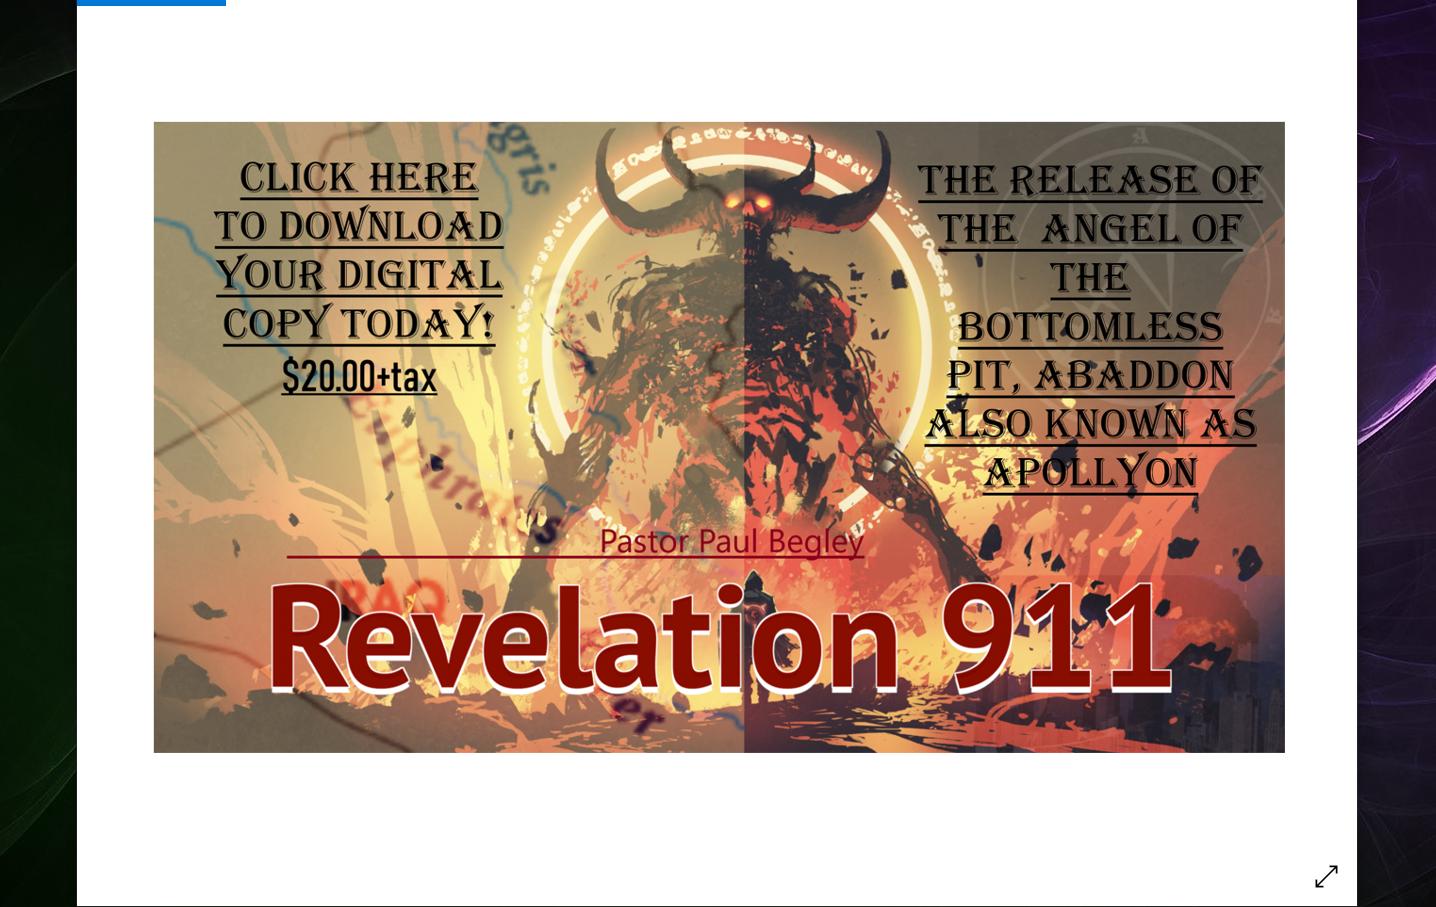 Revelation 911 Digital Download.png